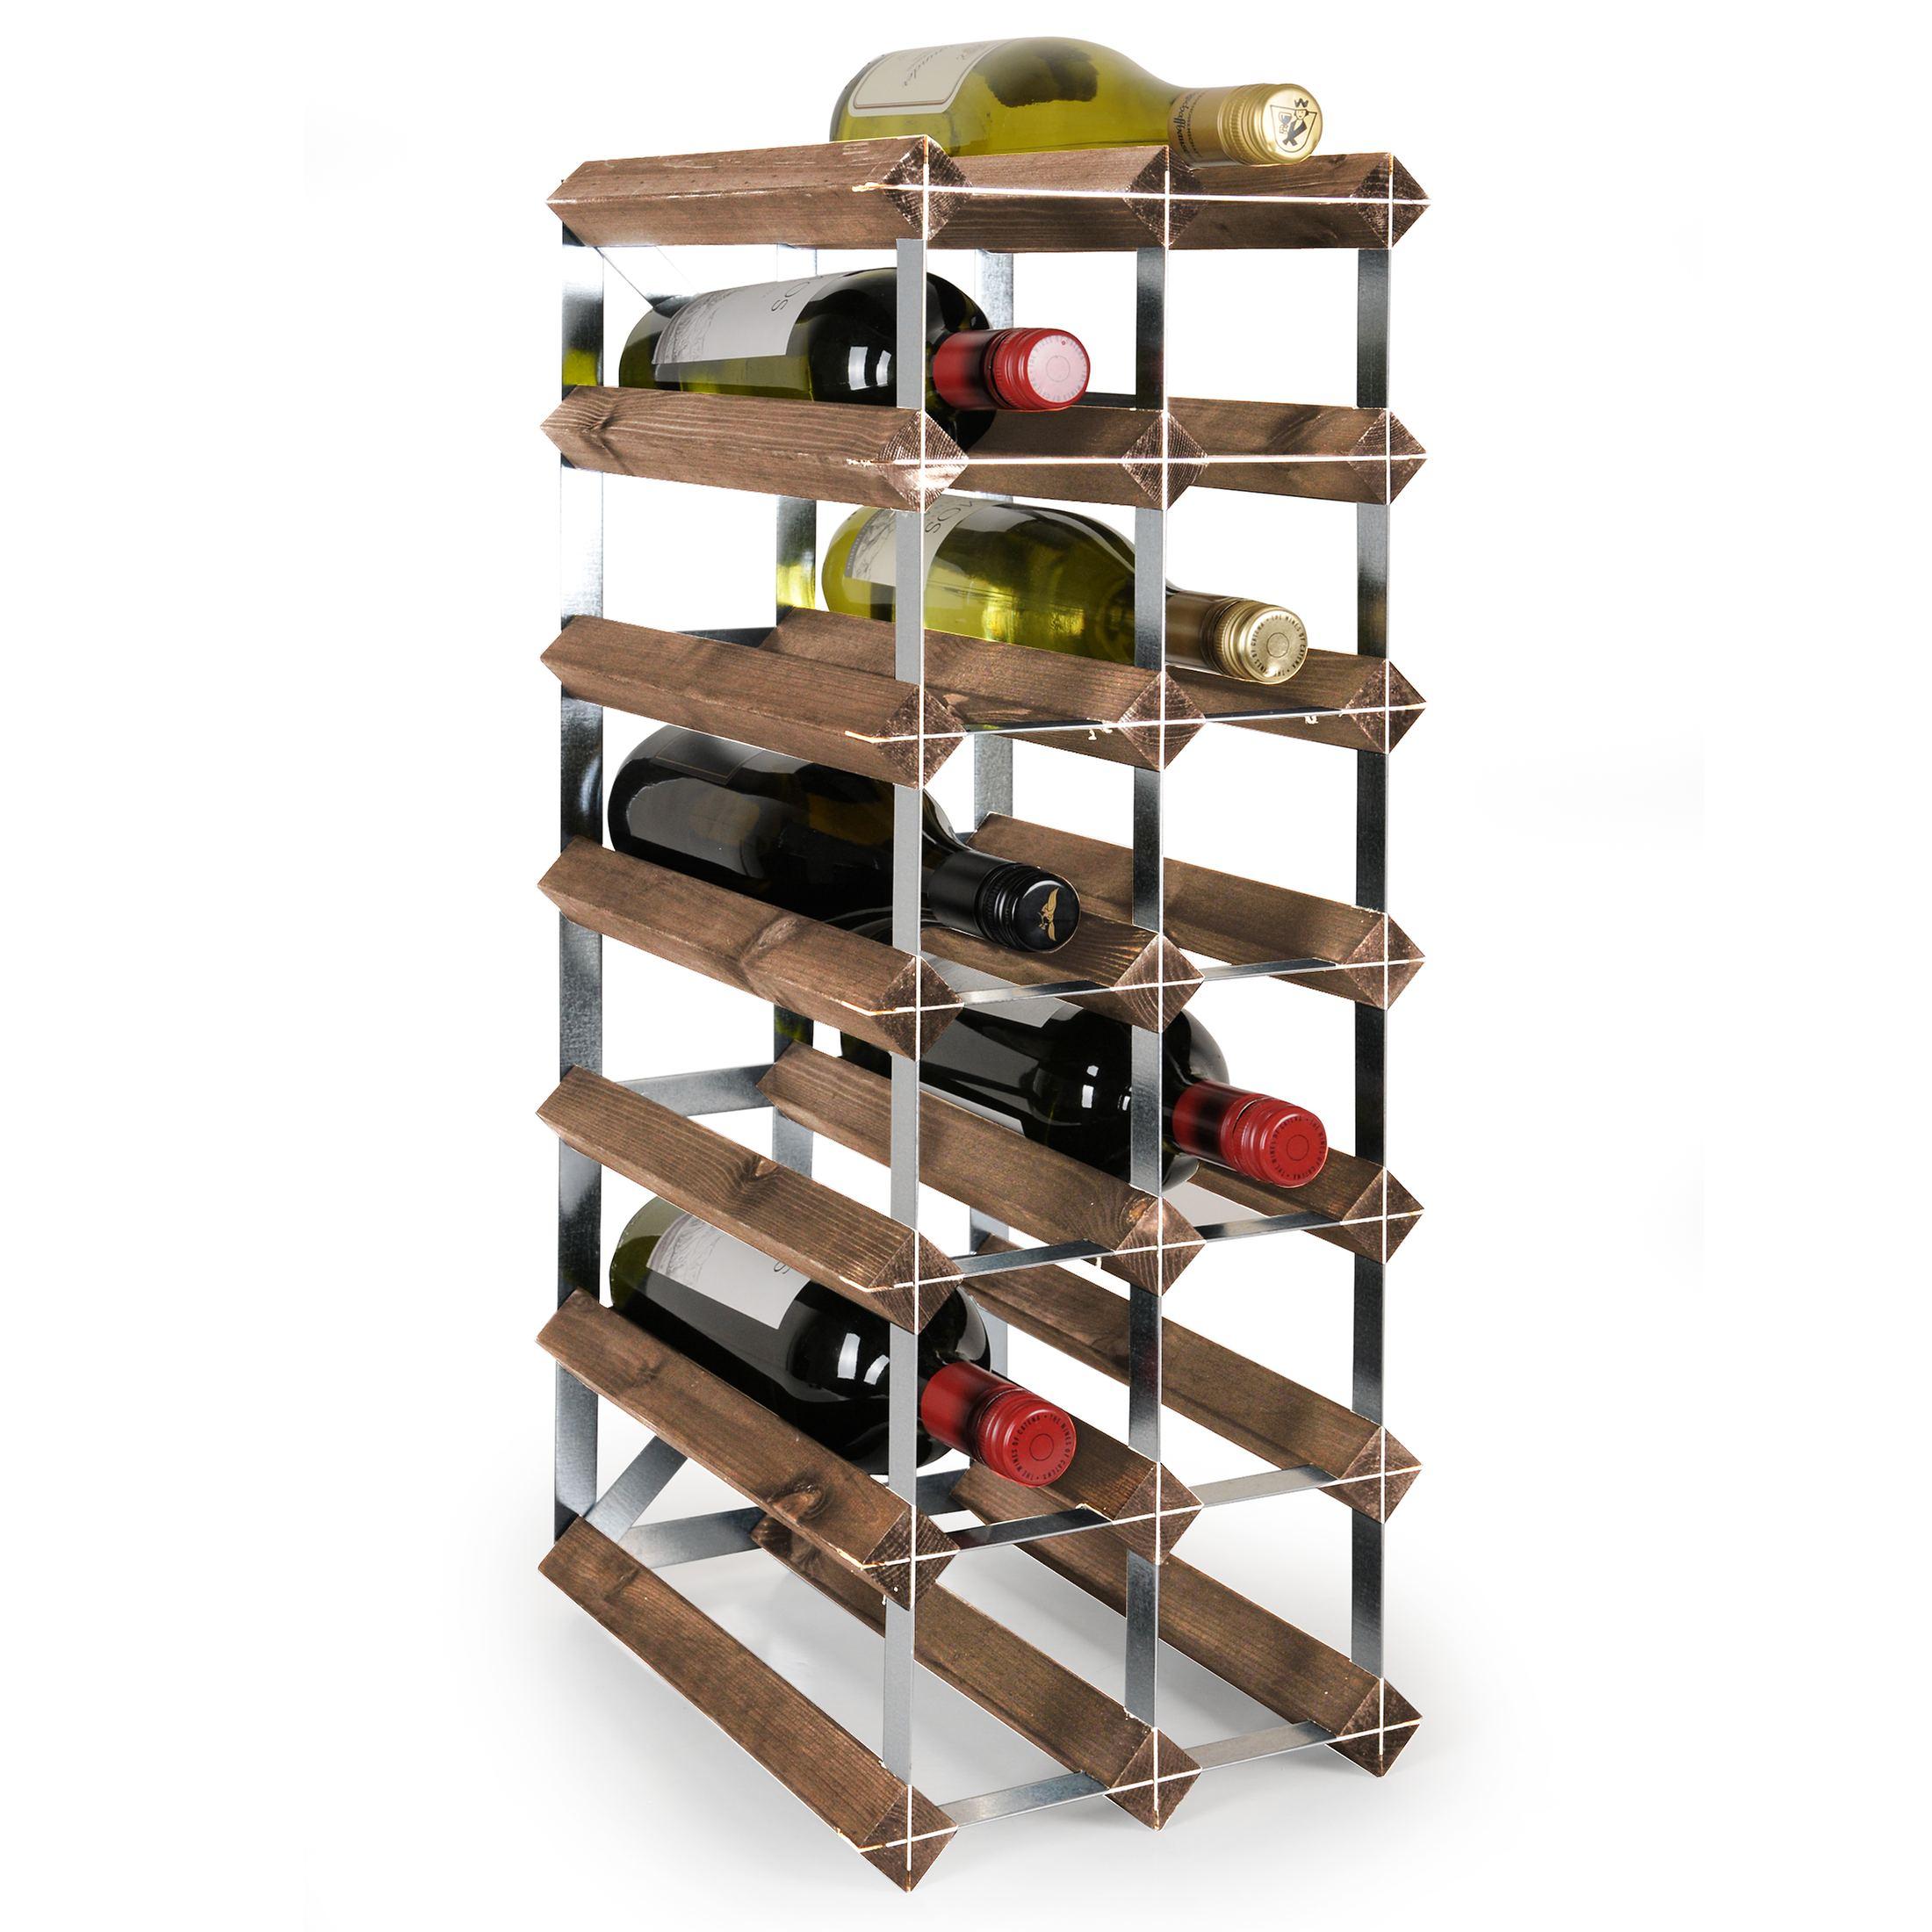 syst me d 39 tag re vin modulaire trend en bois de ch ne. Black Bedroom Furniture Sets. Home Design Ideas